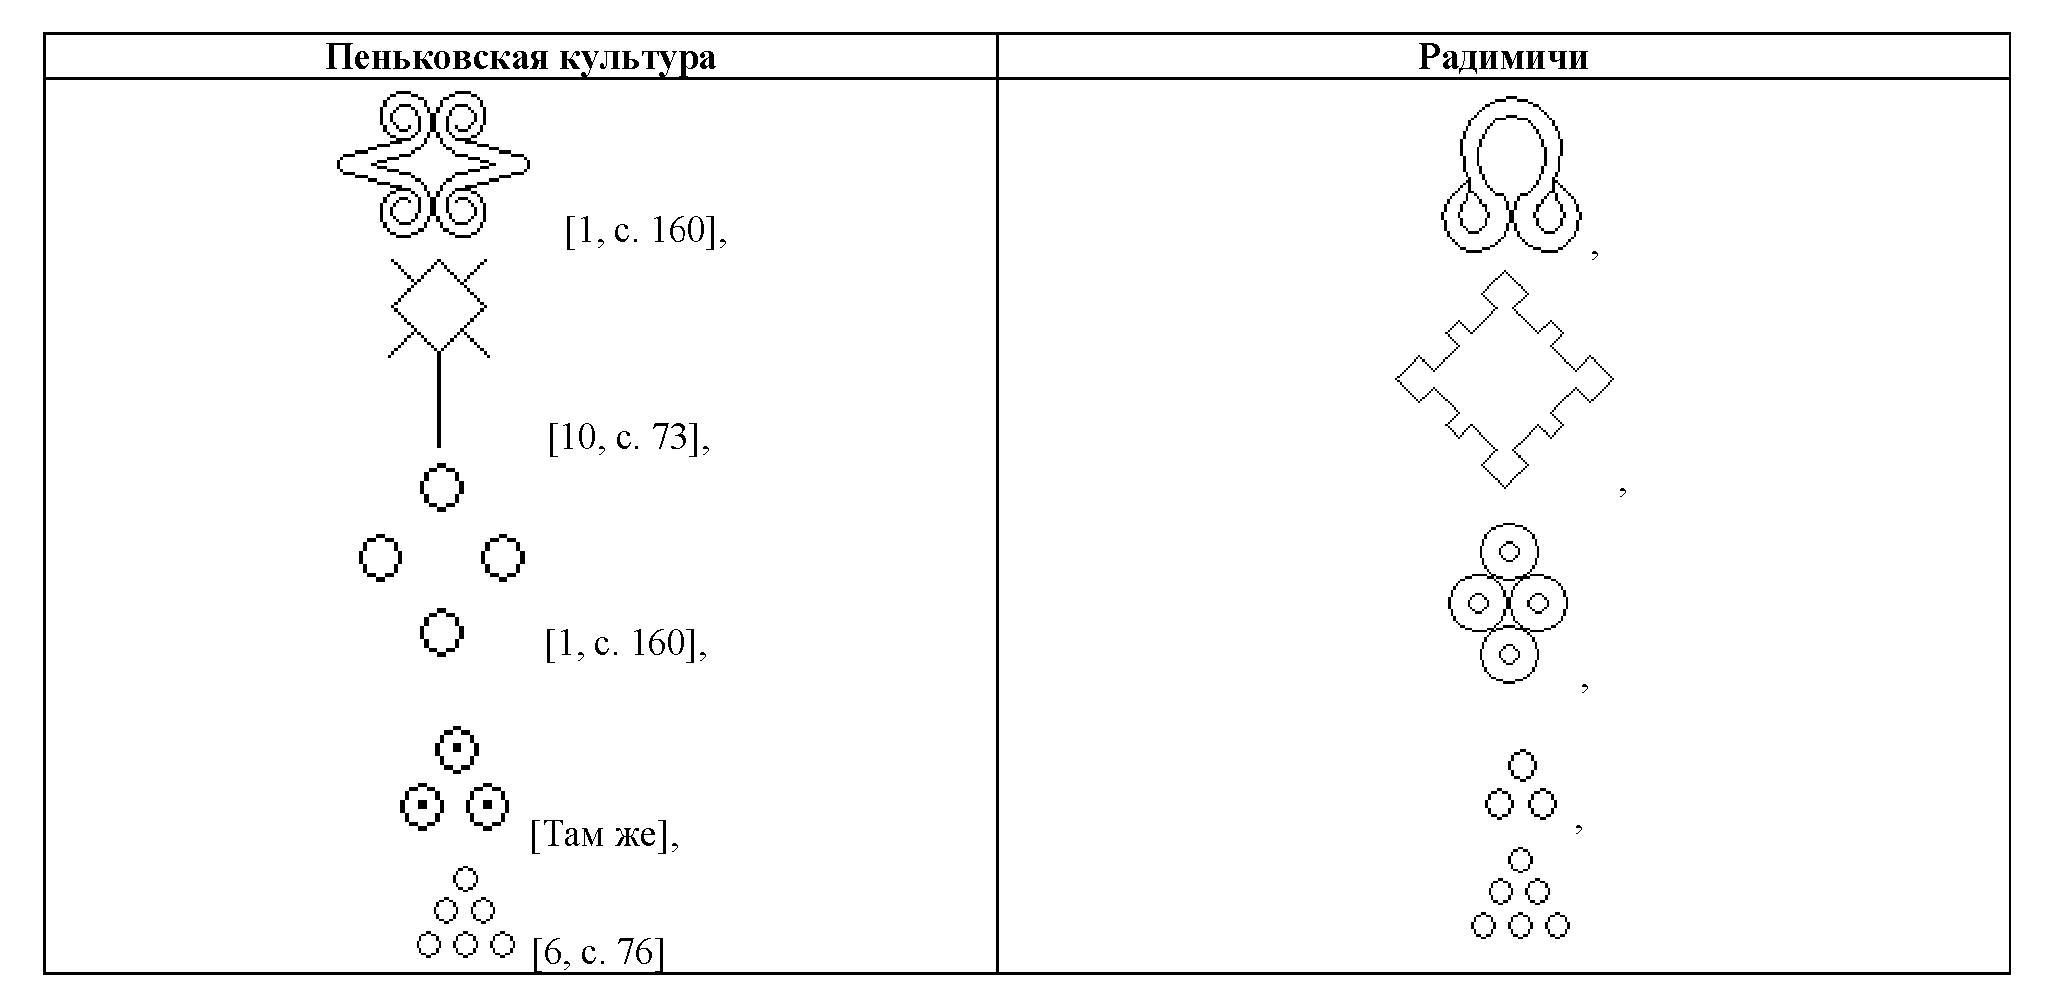 Таблица 6. Сравнение графических символов радимичей с символами пеньковской культуры